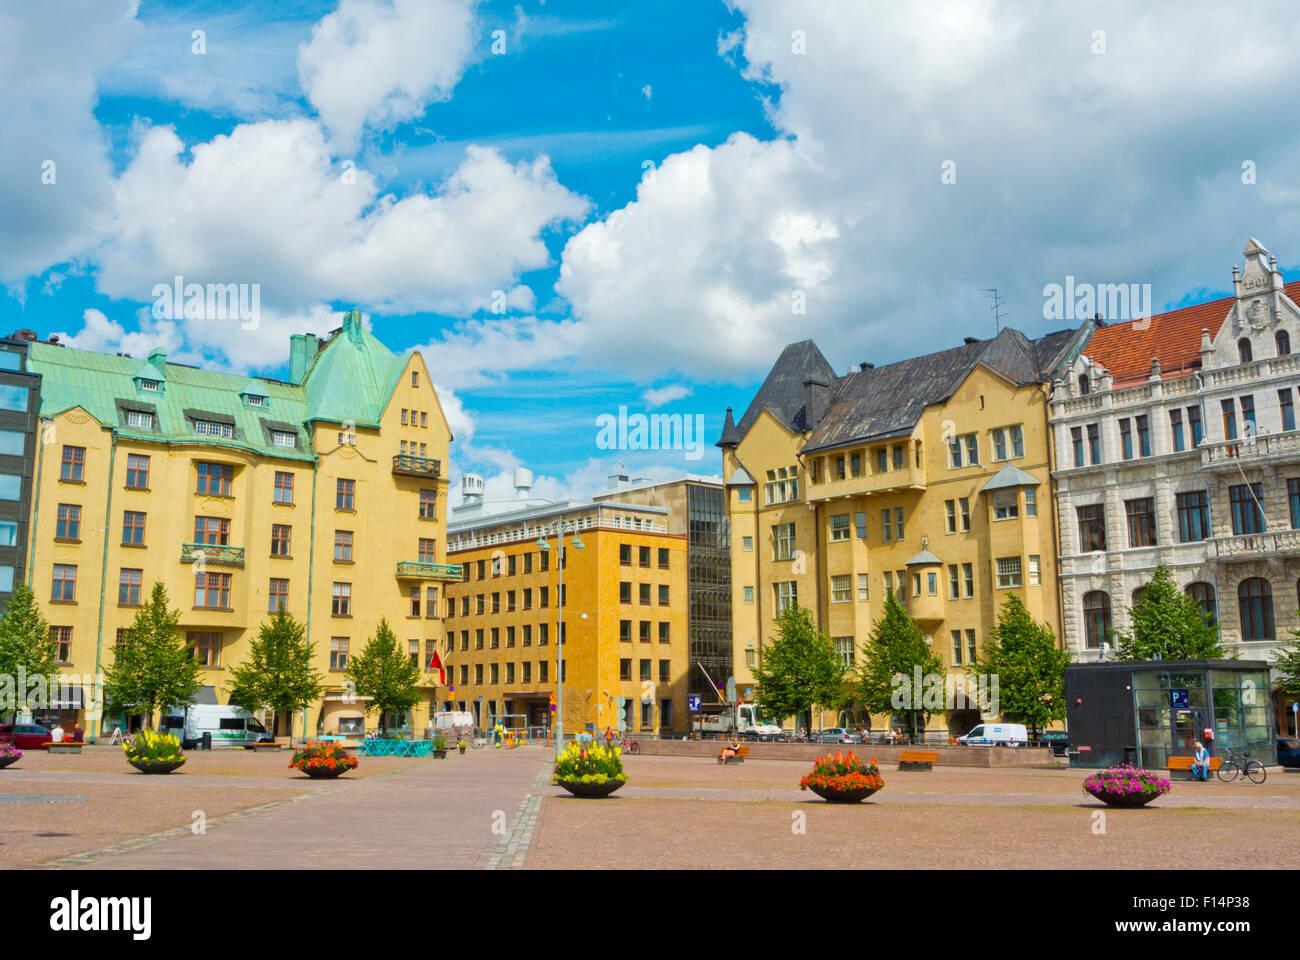 Kasarmitori, Kaartinkaupunki, Helsinki, Finland, Europe - Stock Image